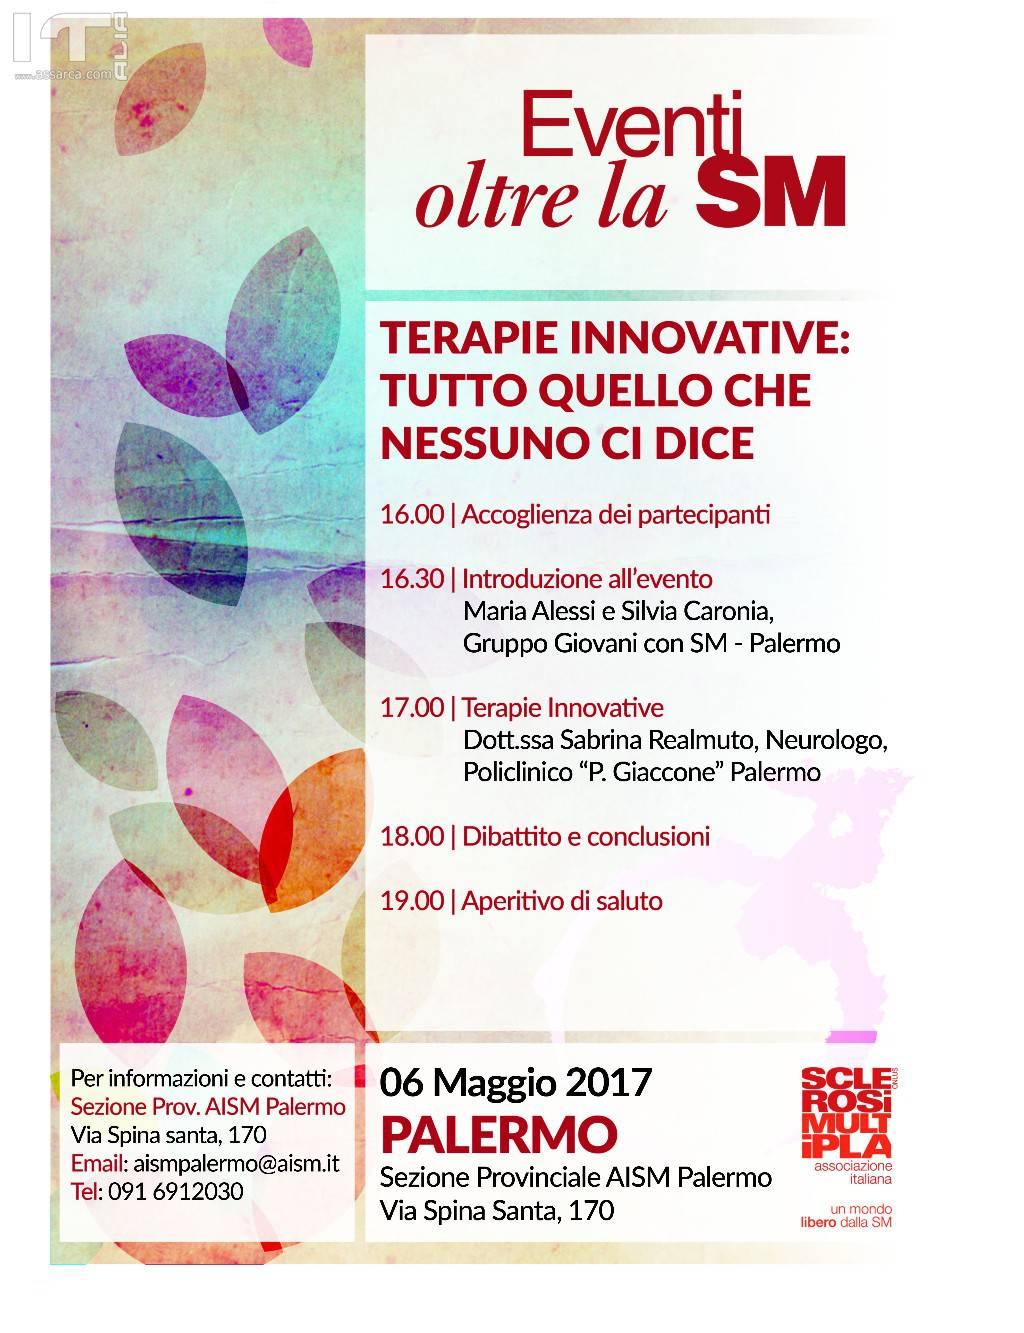 AISM PALERMO: Terapie innovative:tutto quello che nessuno ci dice